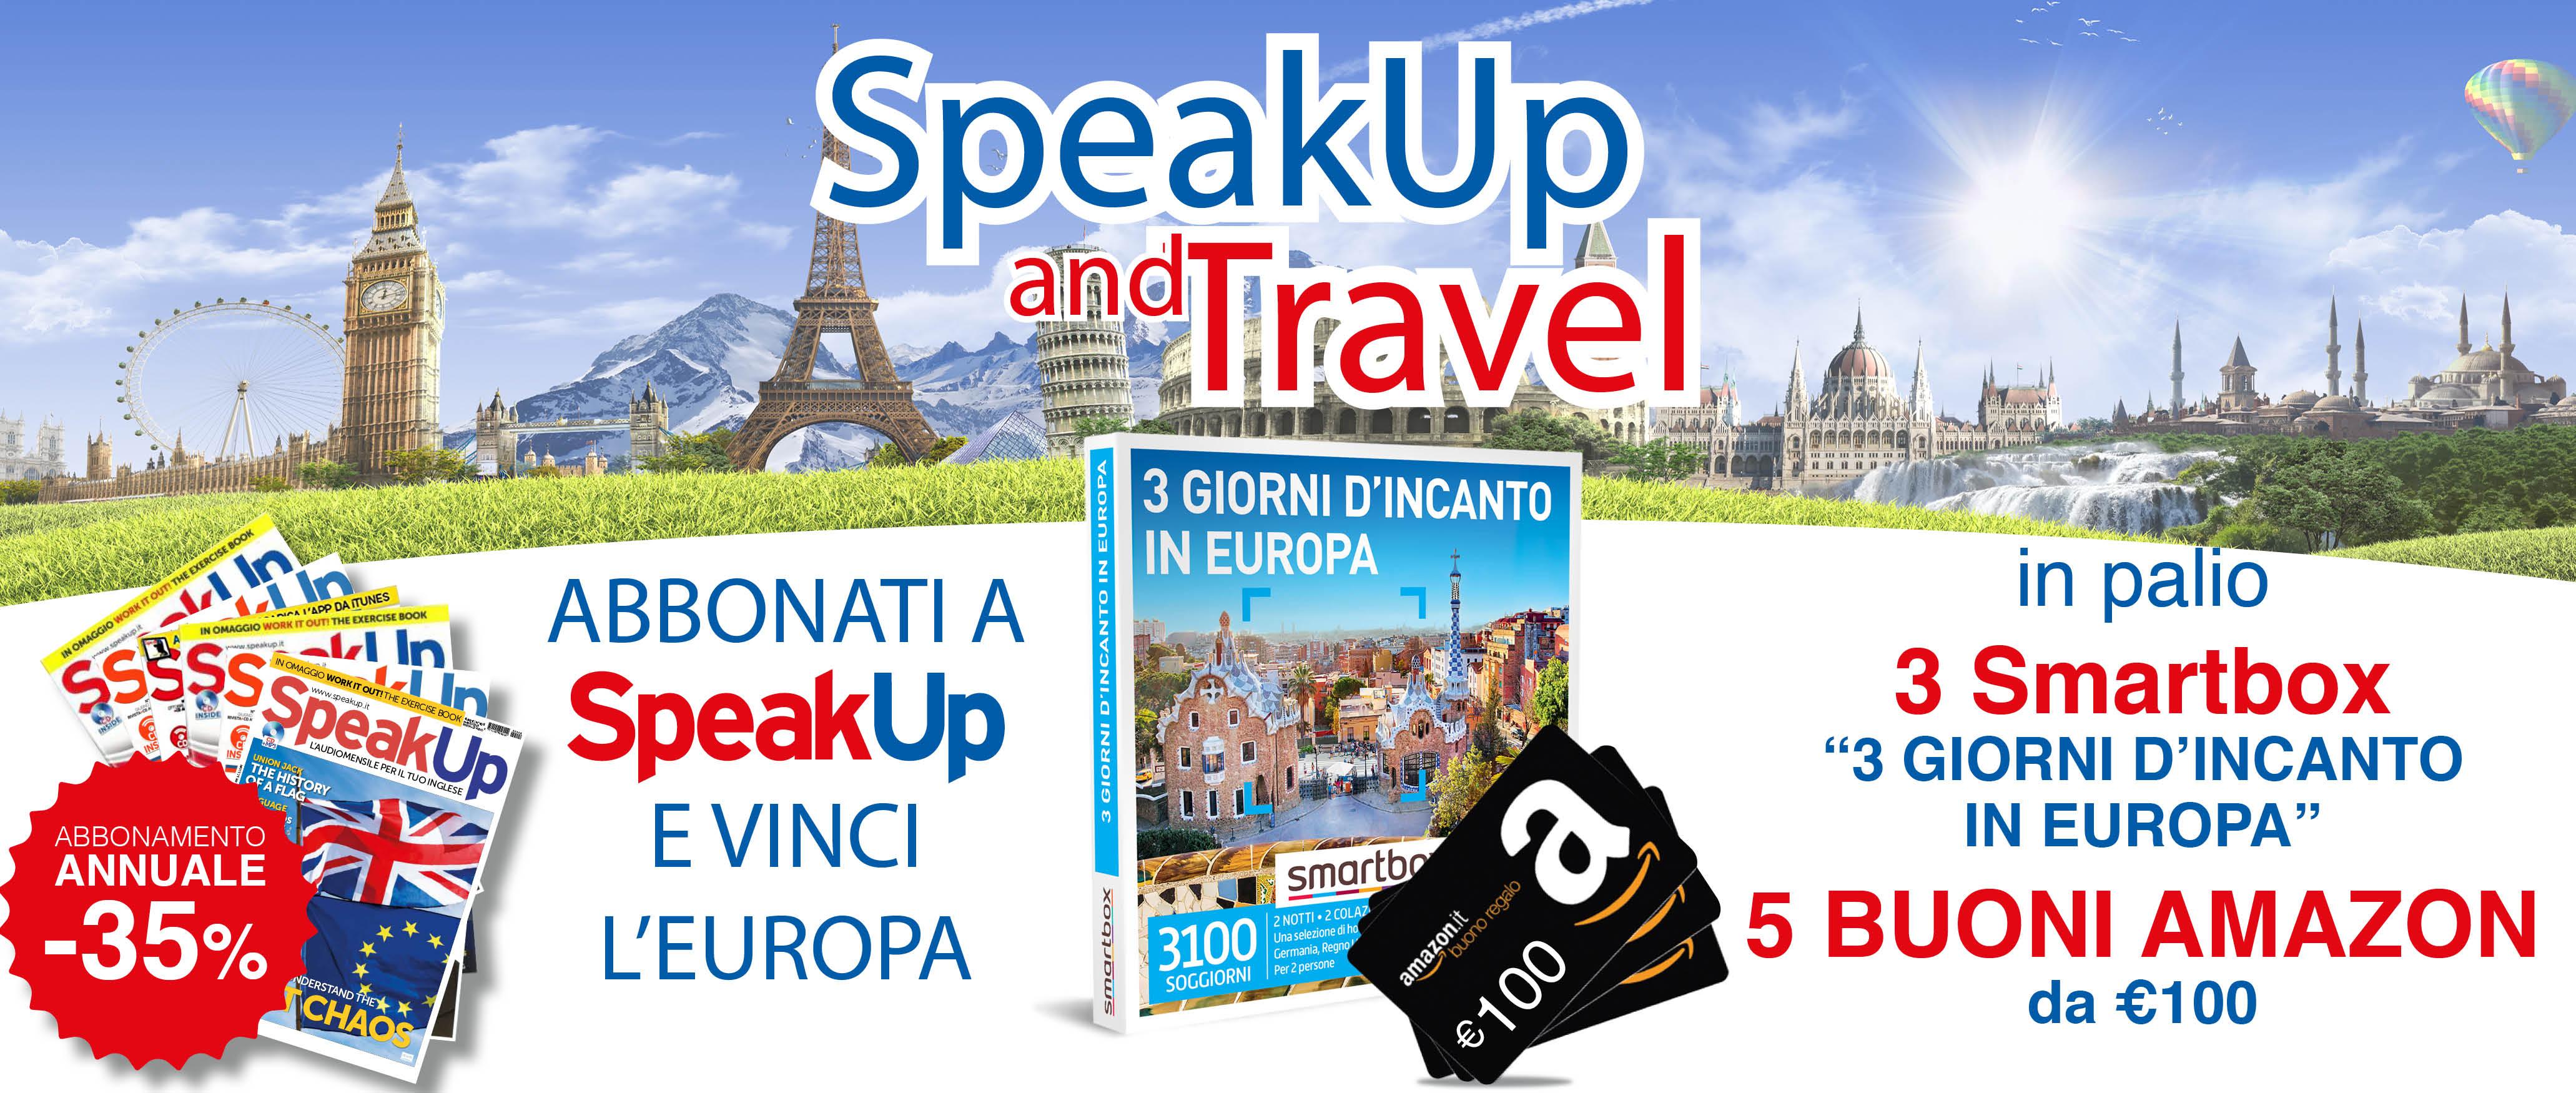 http://www.rbaitalia.it/wp-content/uploads/2019/10/banner-concorso-speakup-x-RBA.jpg